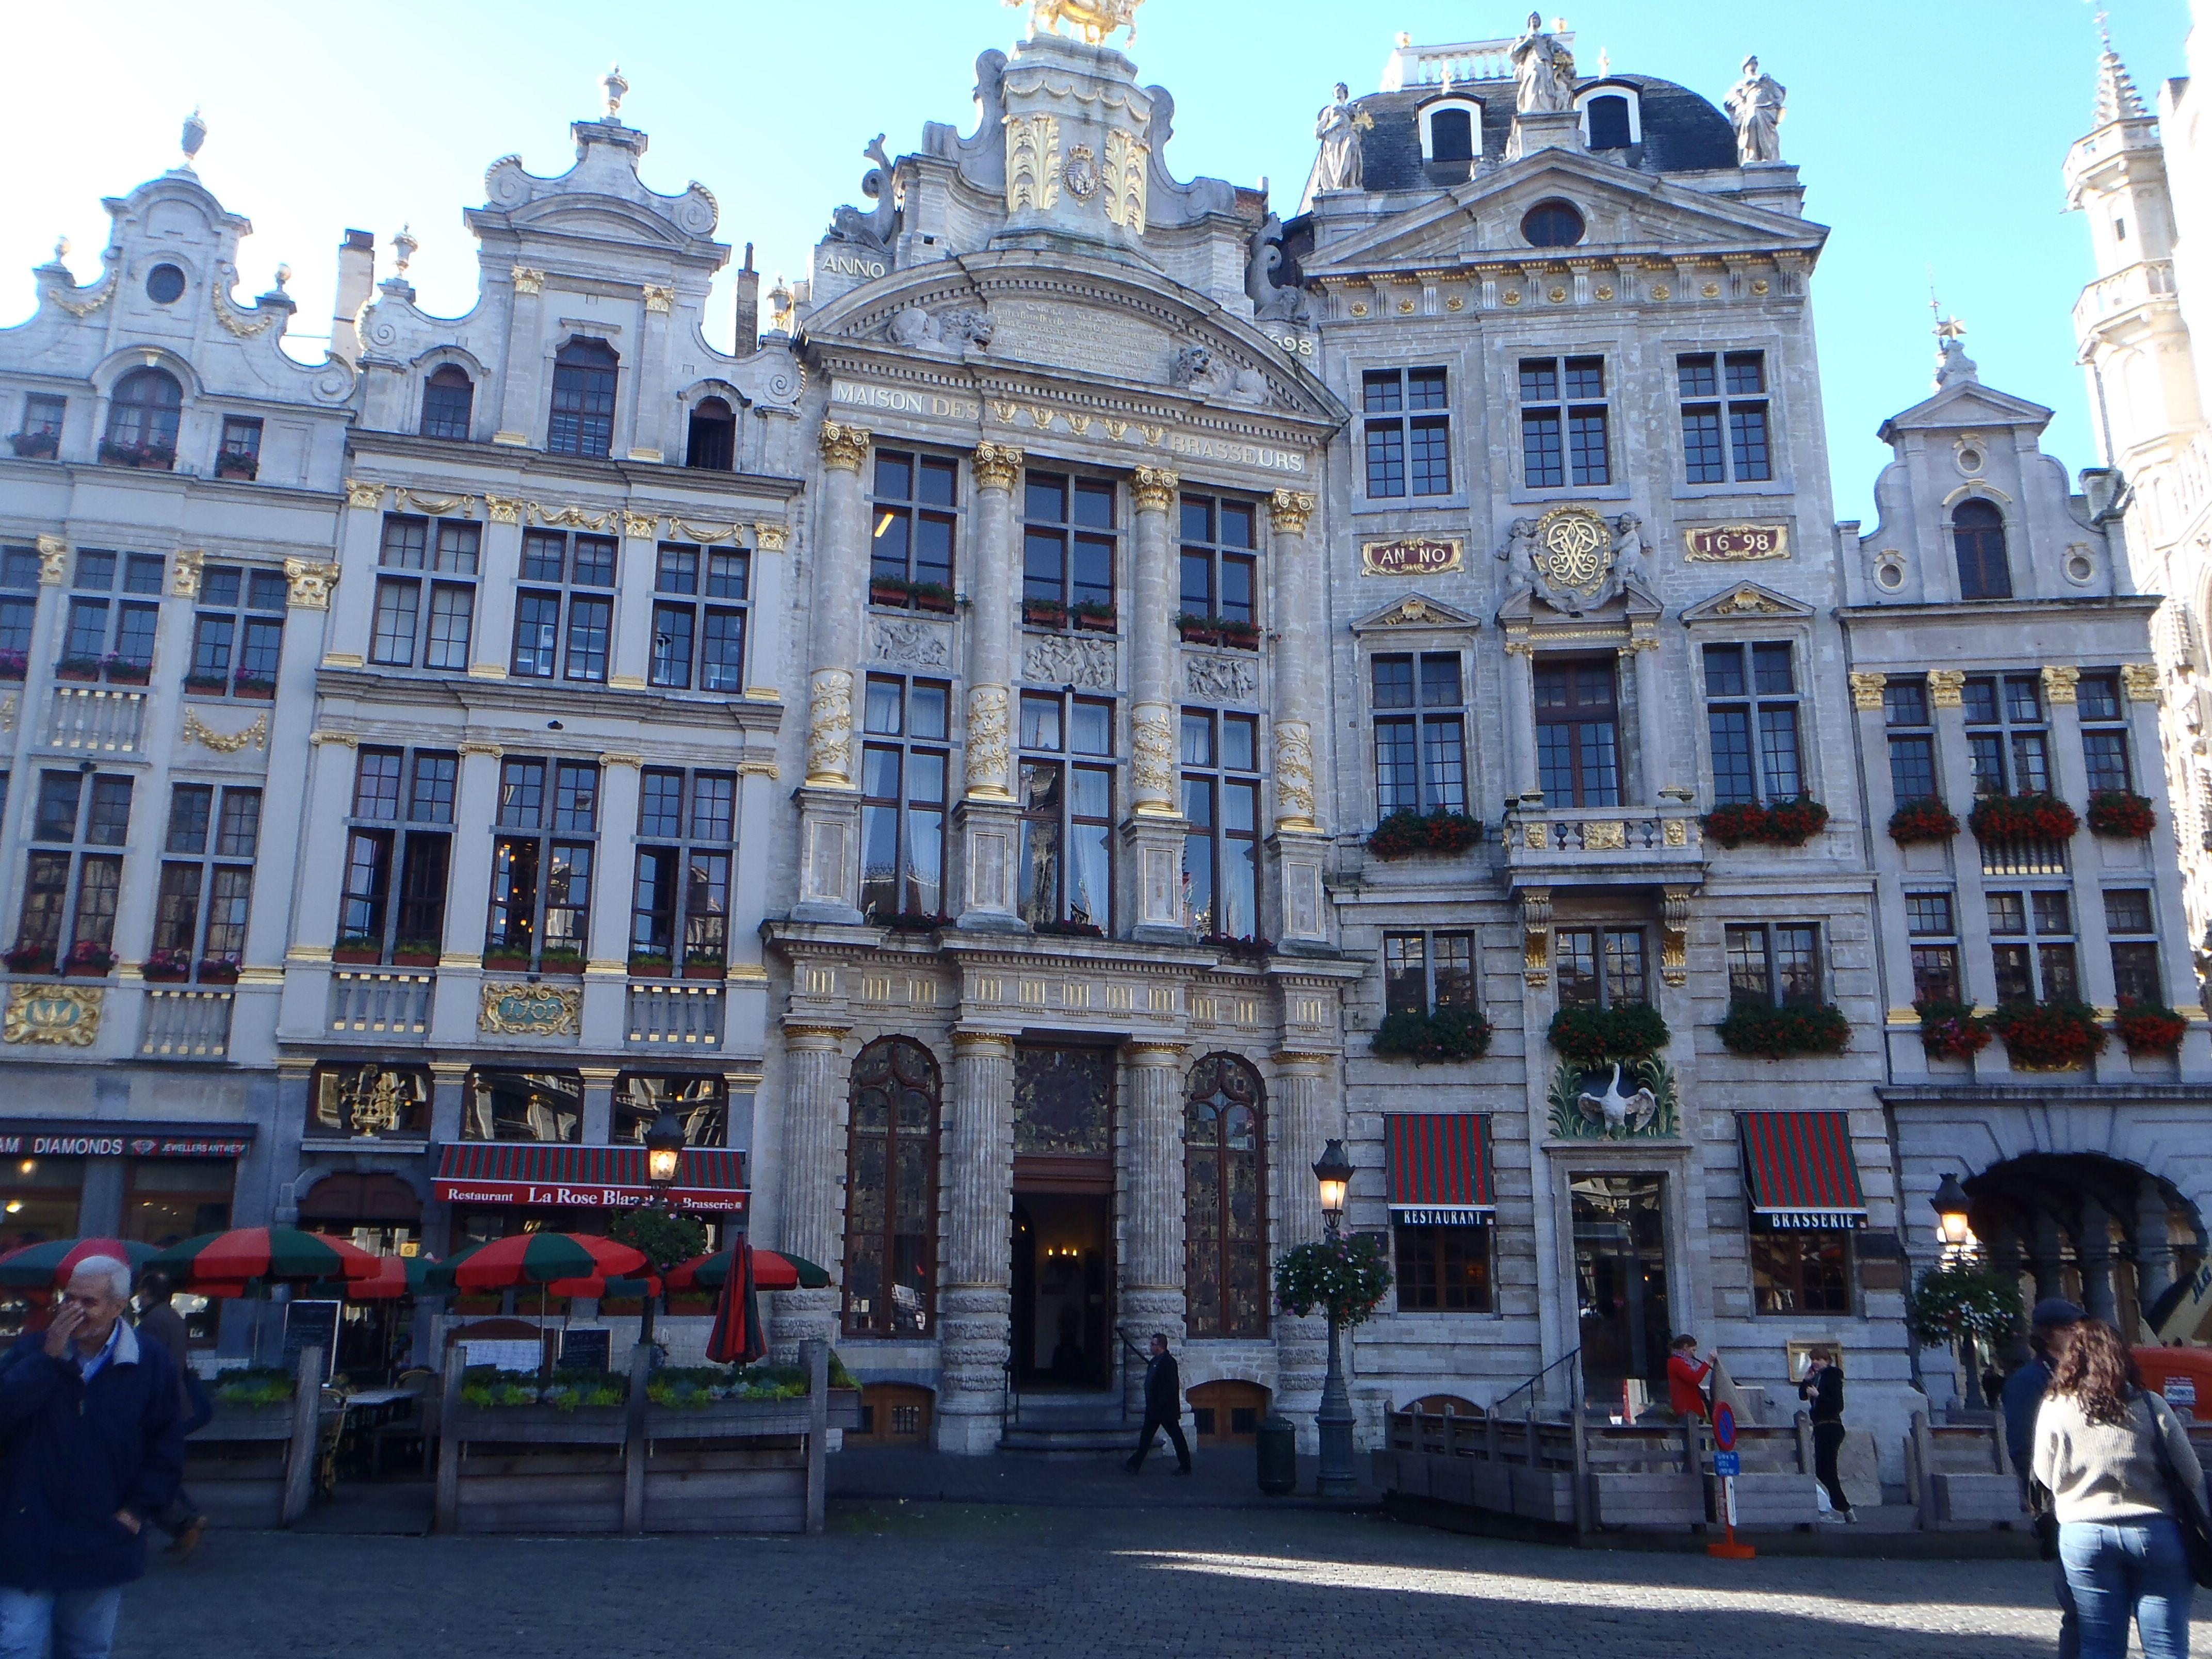 Maison aus Trois Couleurs - Grand Place